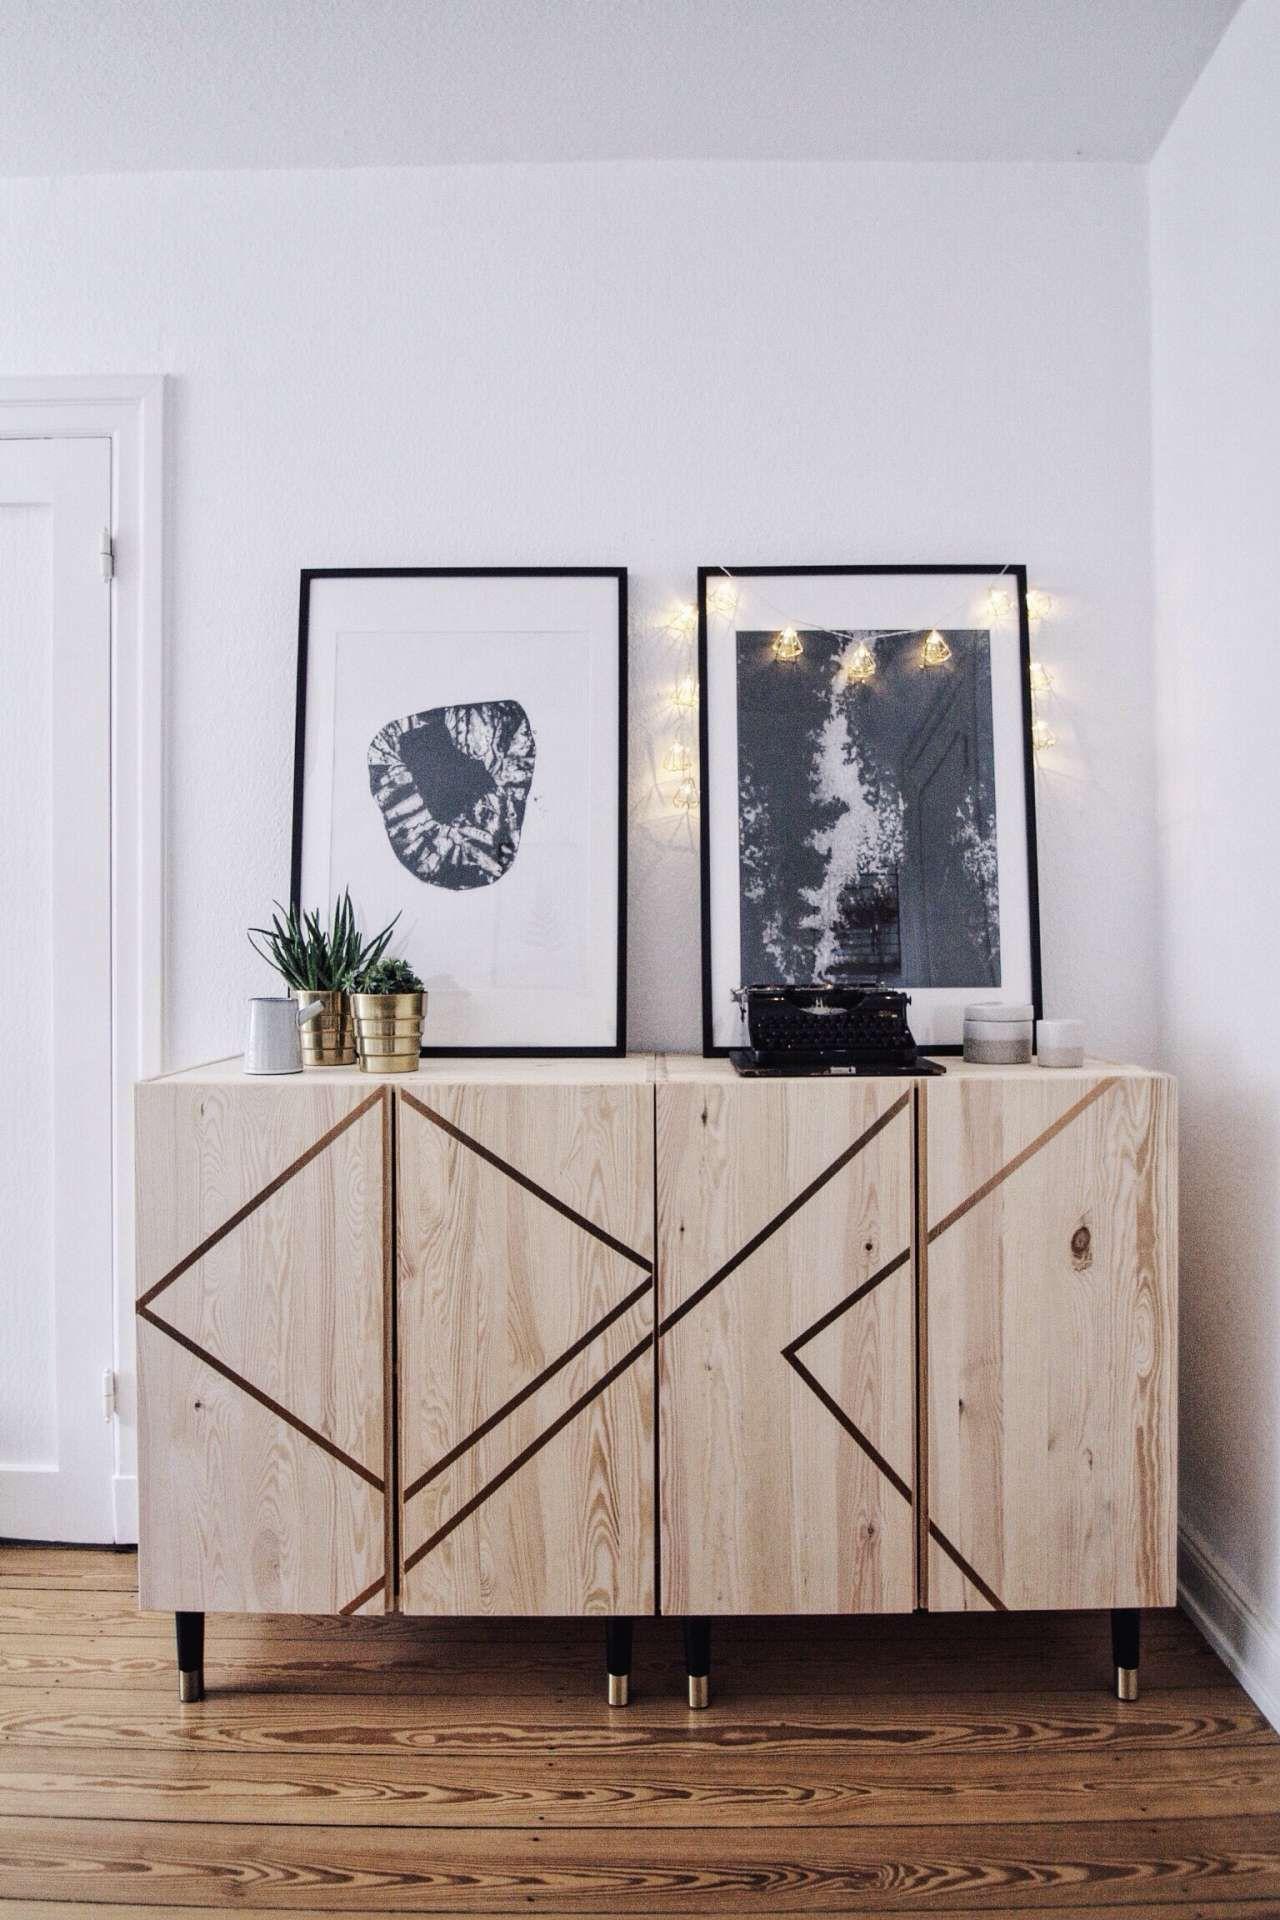 Ikea Möbel Pimpen i wie individuell geht auch für ikea möbel ikea hack european